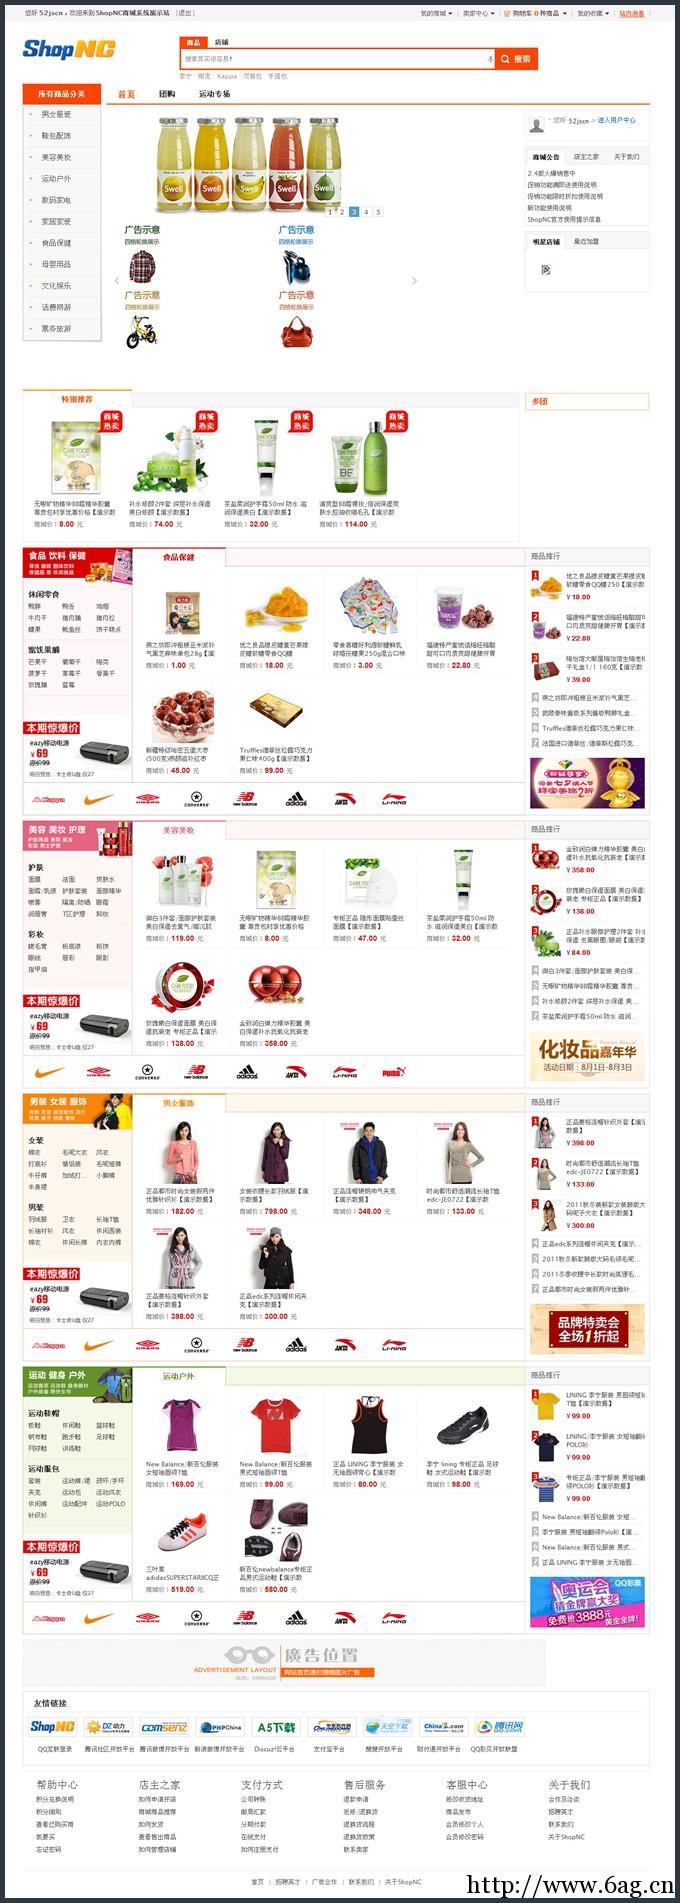 电子商务整站:ShopNC C2C多用户商城系统,仿淘宝风格和一团模板